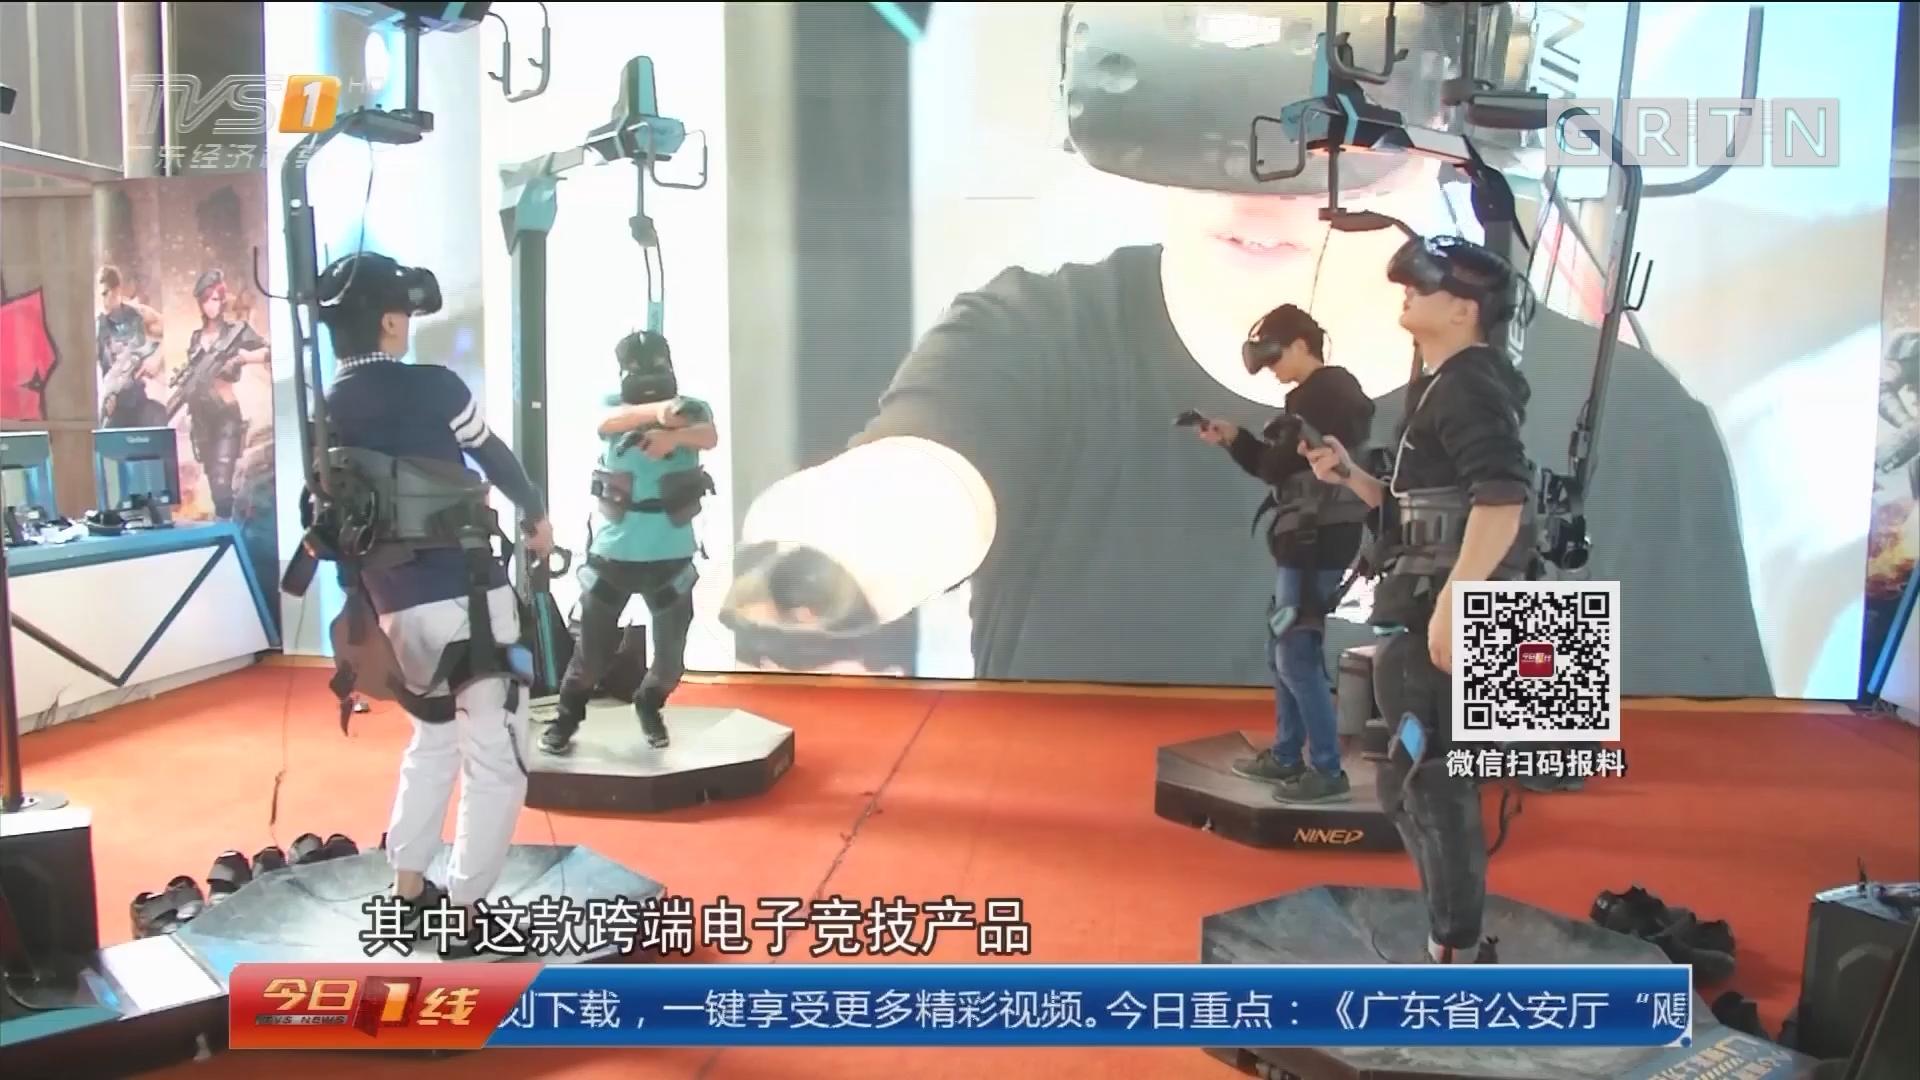 第九届中国国际动漫博览会:产业对接联姻动漫 16场活动等你来